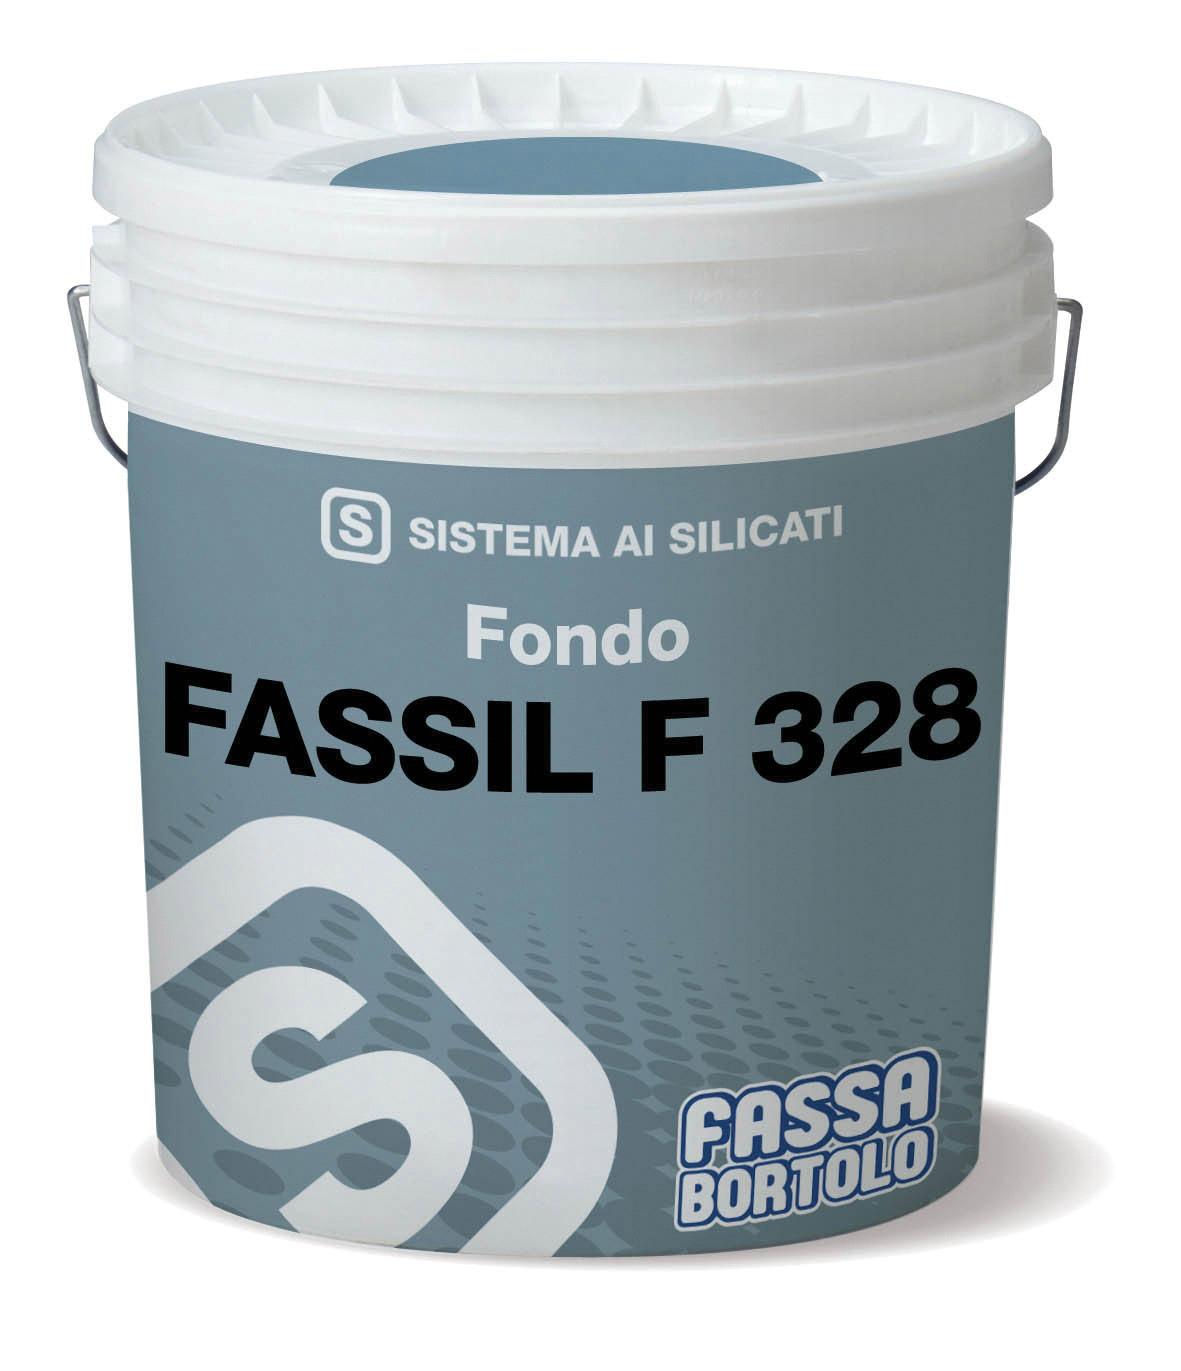 FASSIL F 328: Fissativo minerale ai silicati